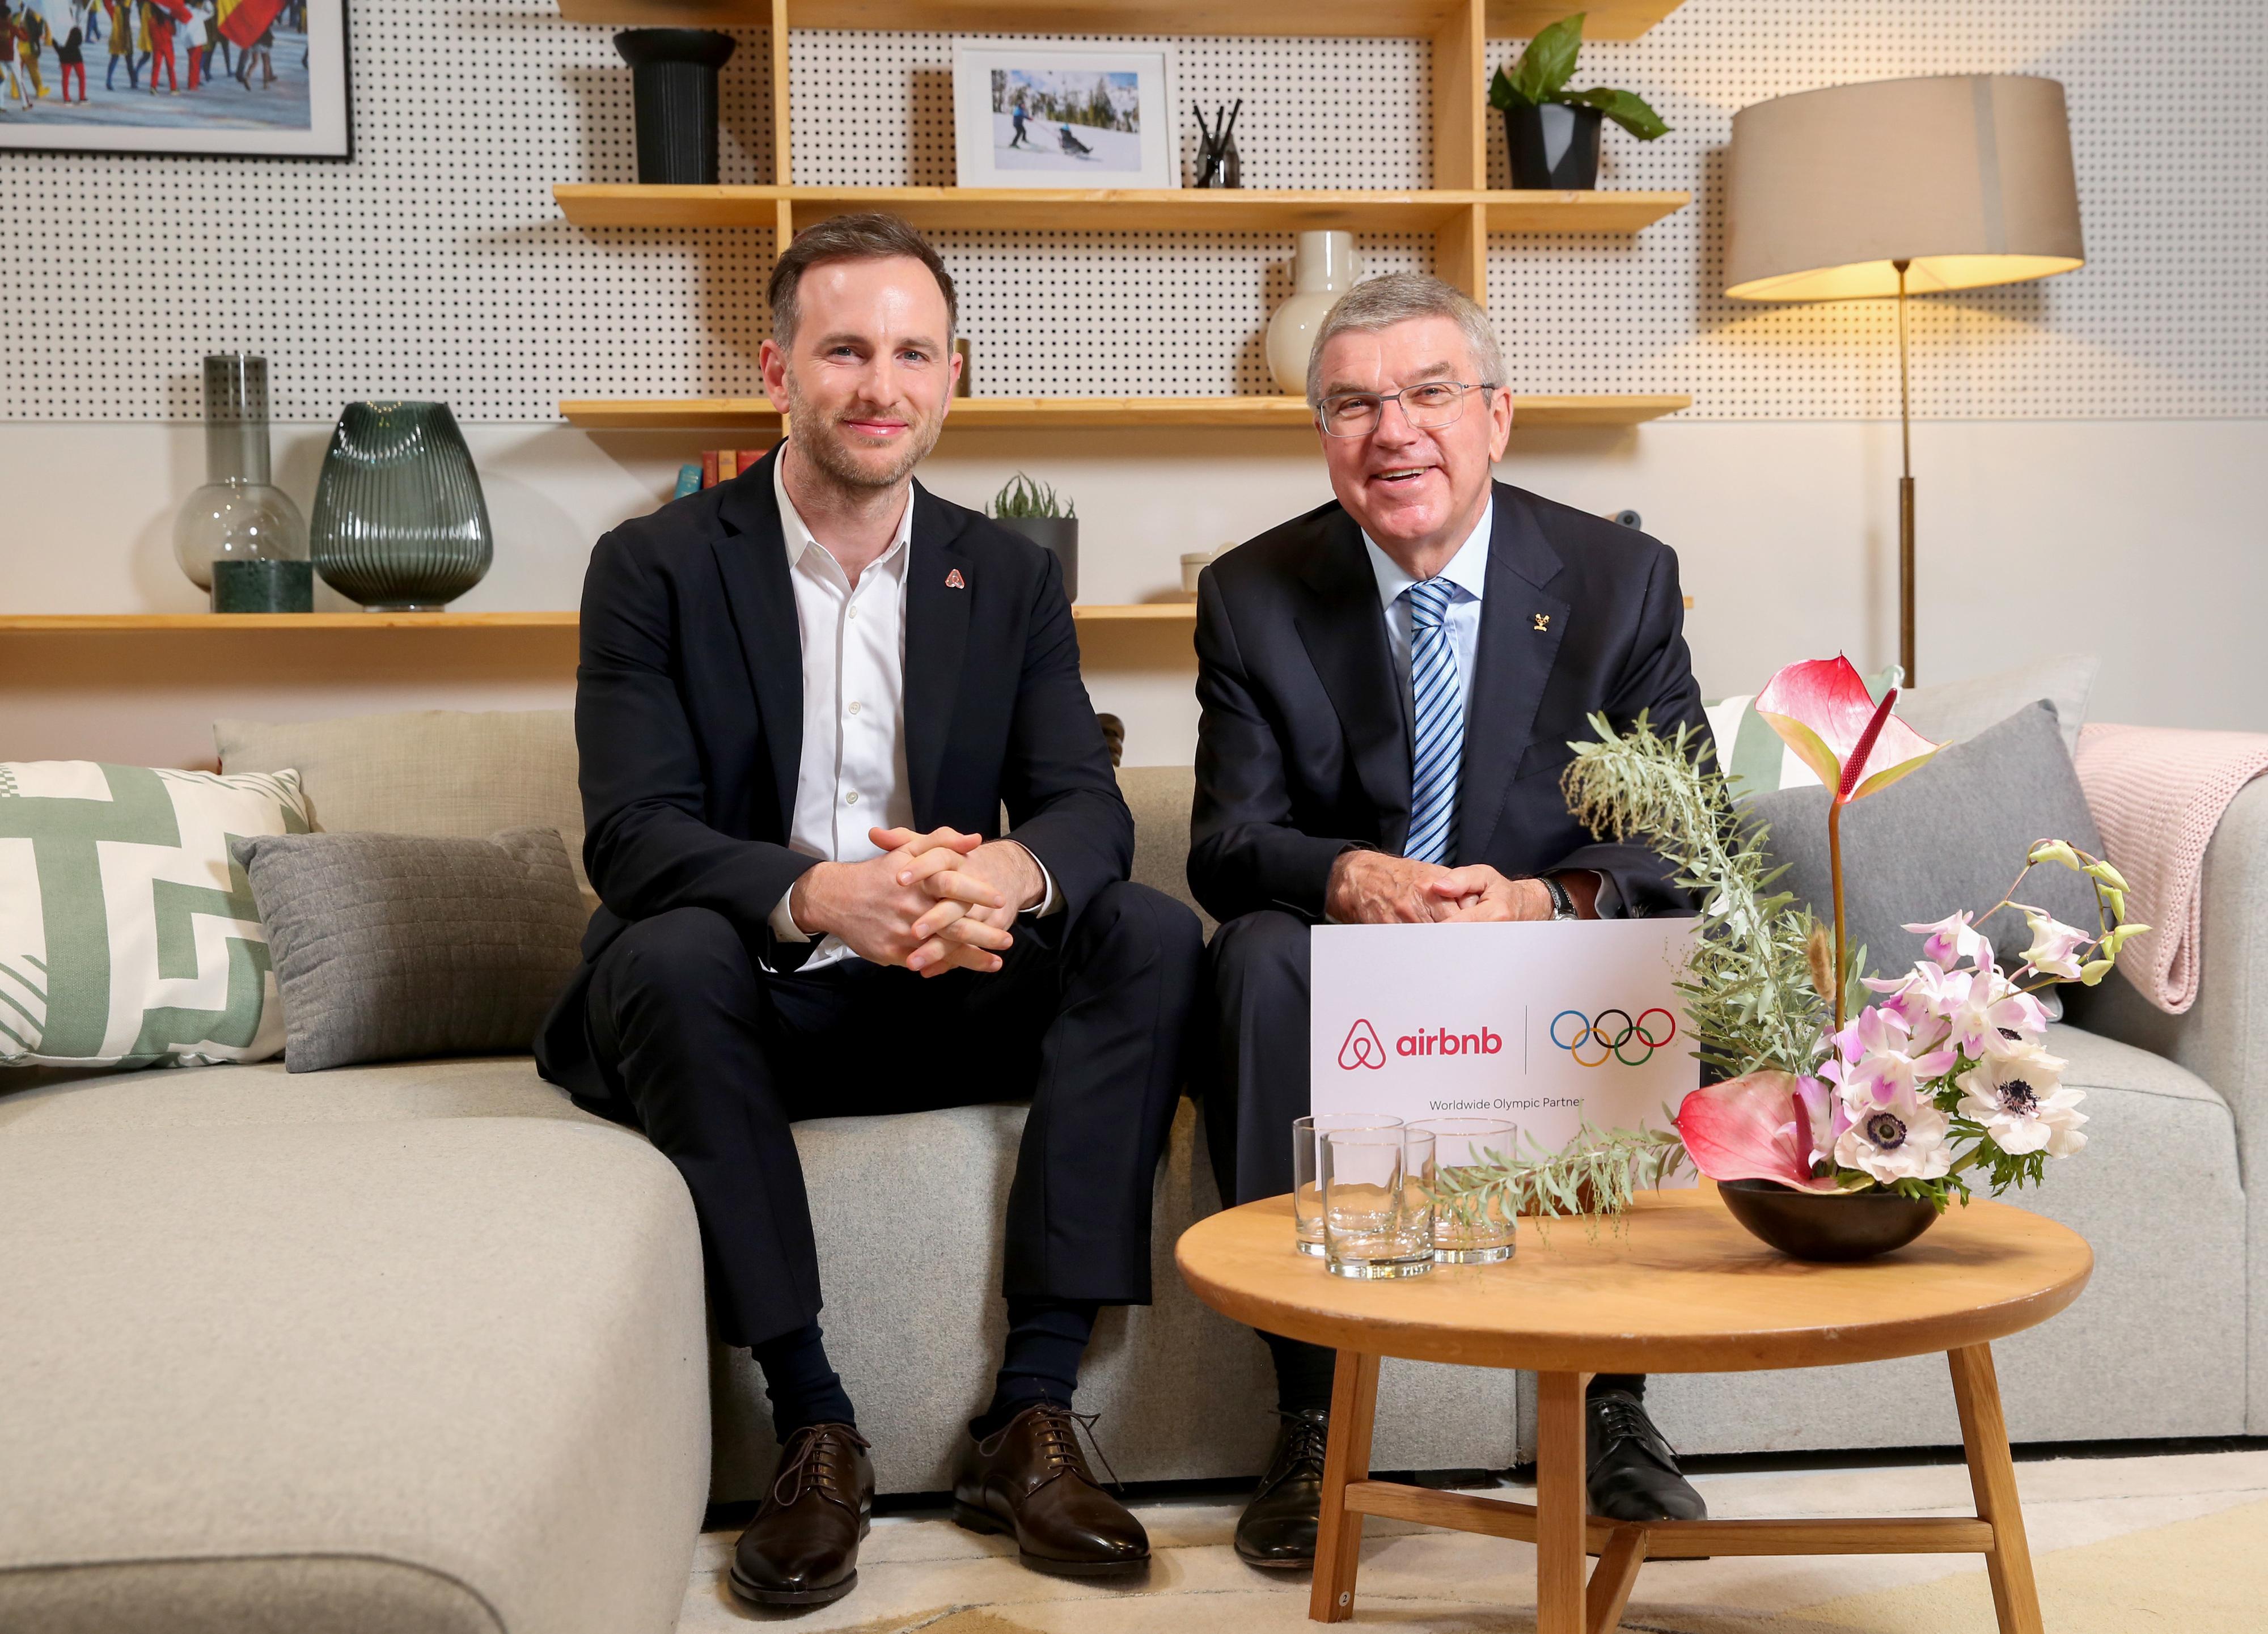 Airbnb torna-se um dos principais patrocinadores dos Jogos Olímpicos até 2028